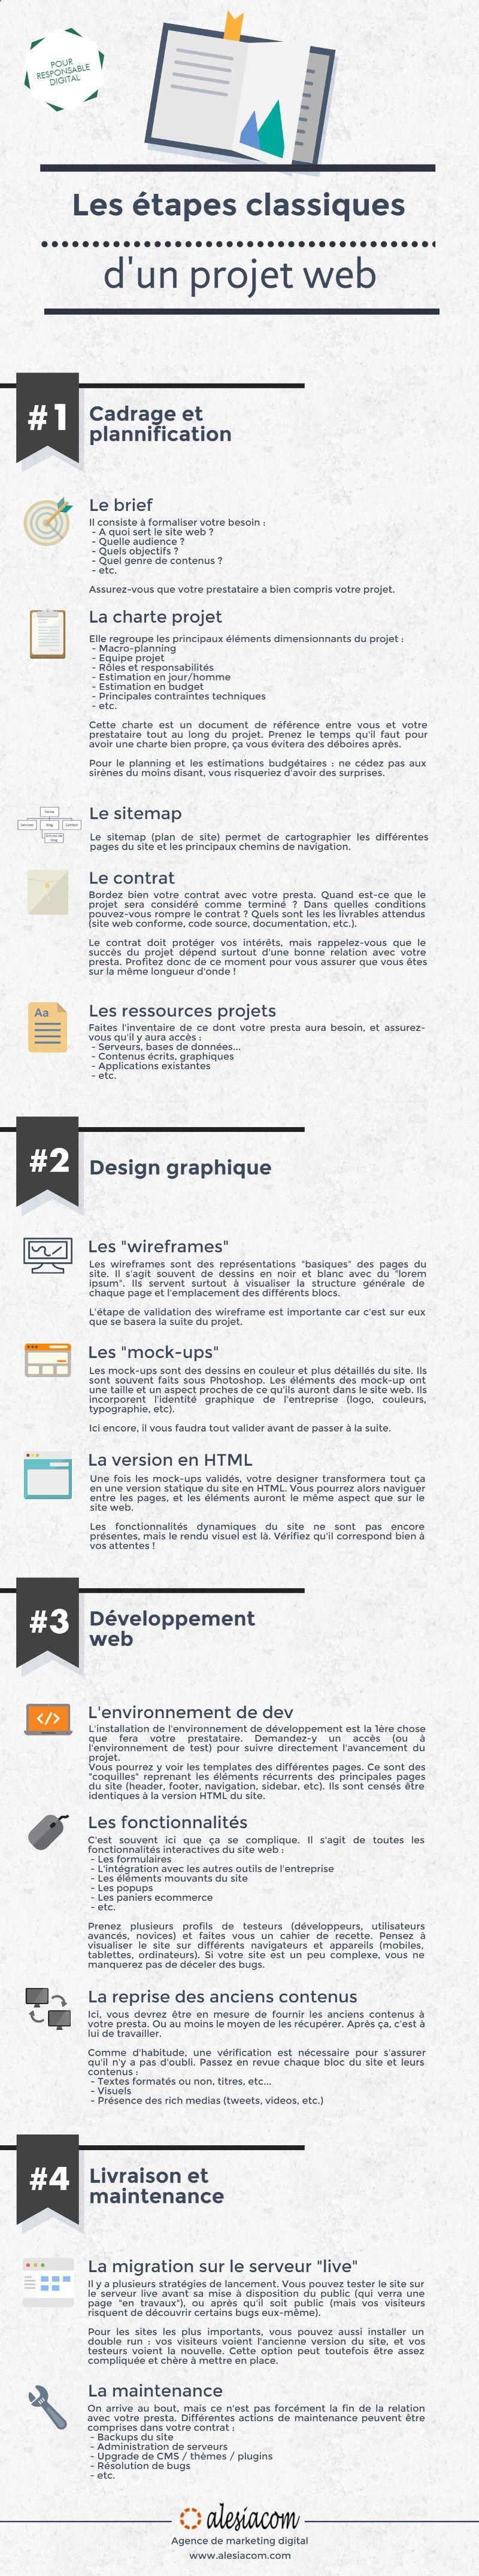 infographie   les  u00e9tapes d u2019un projet web